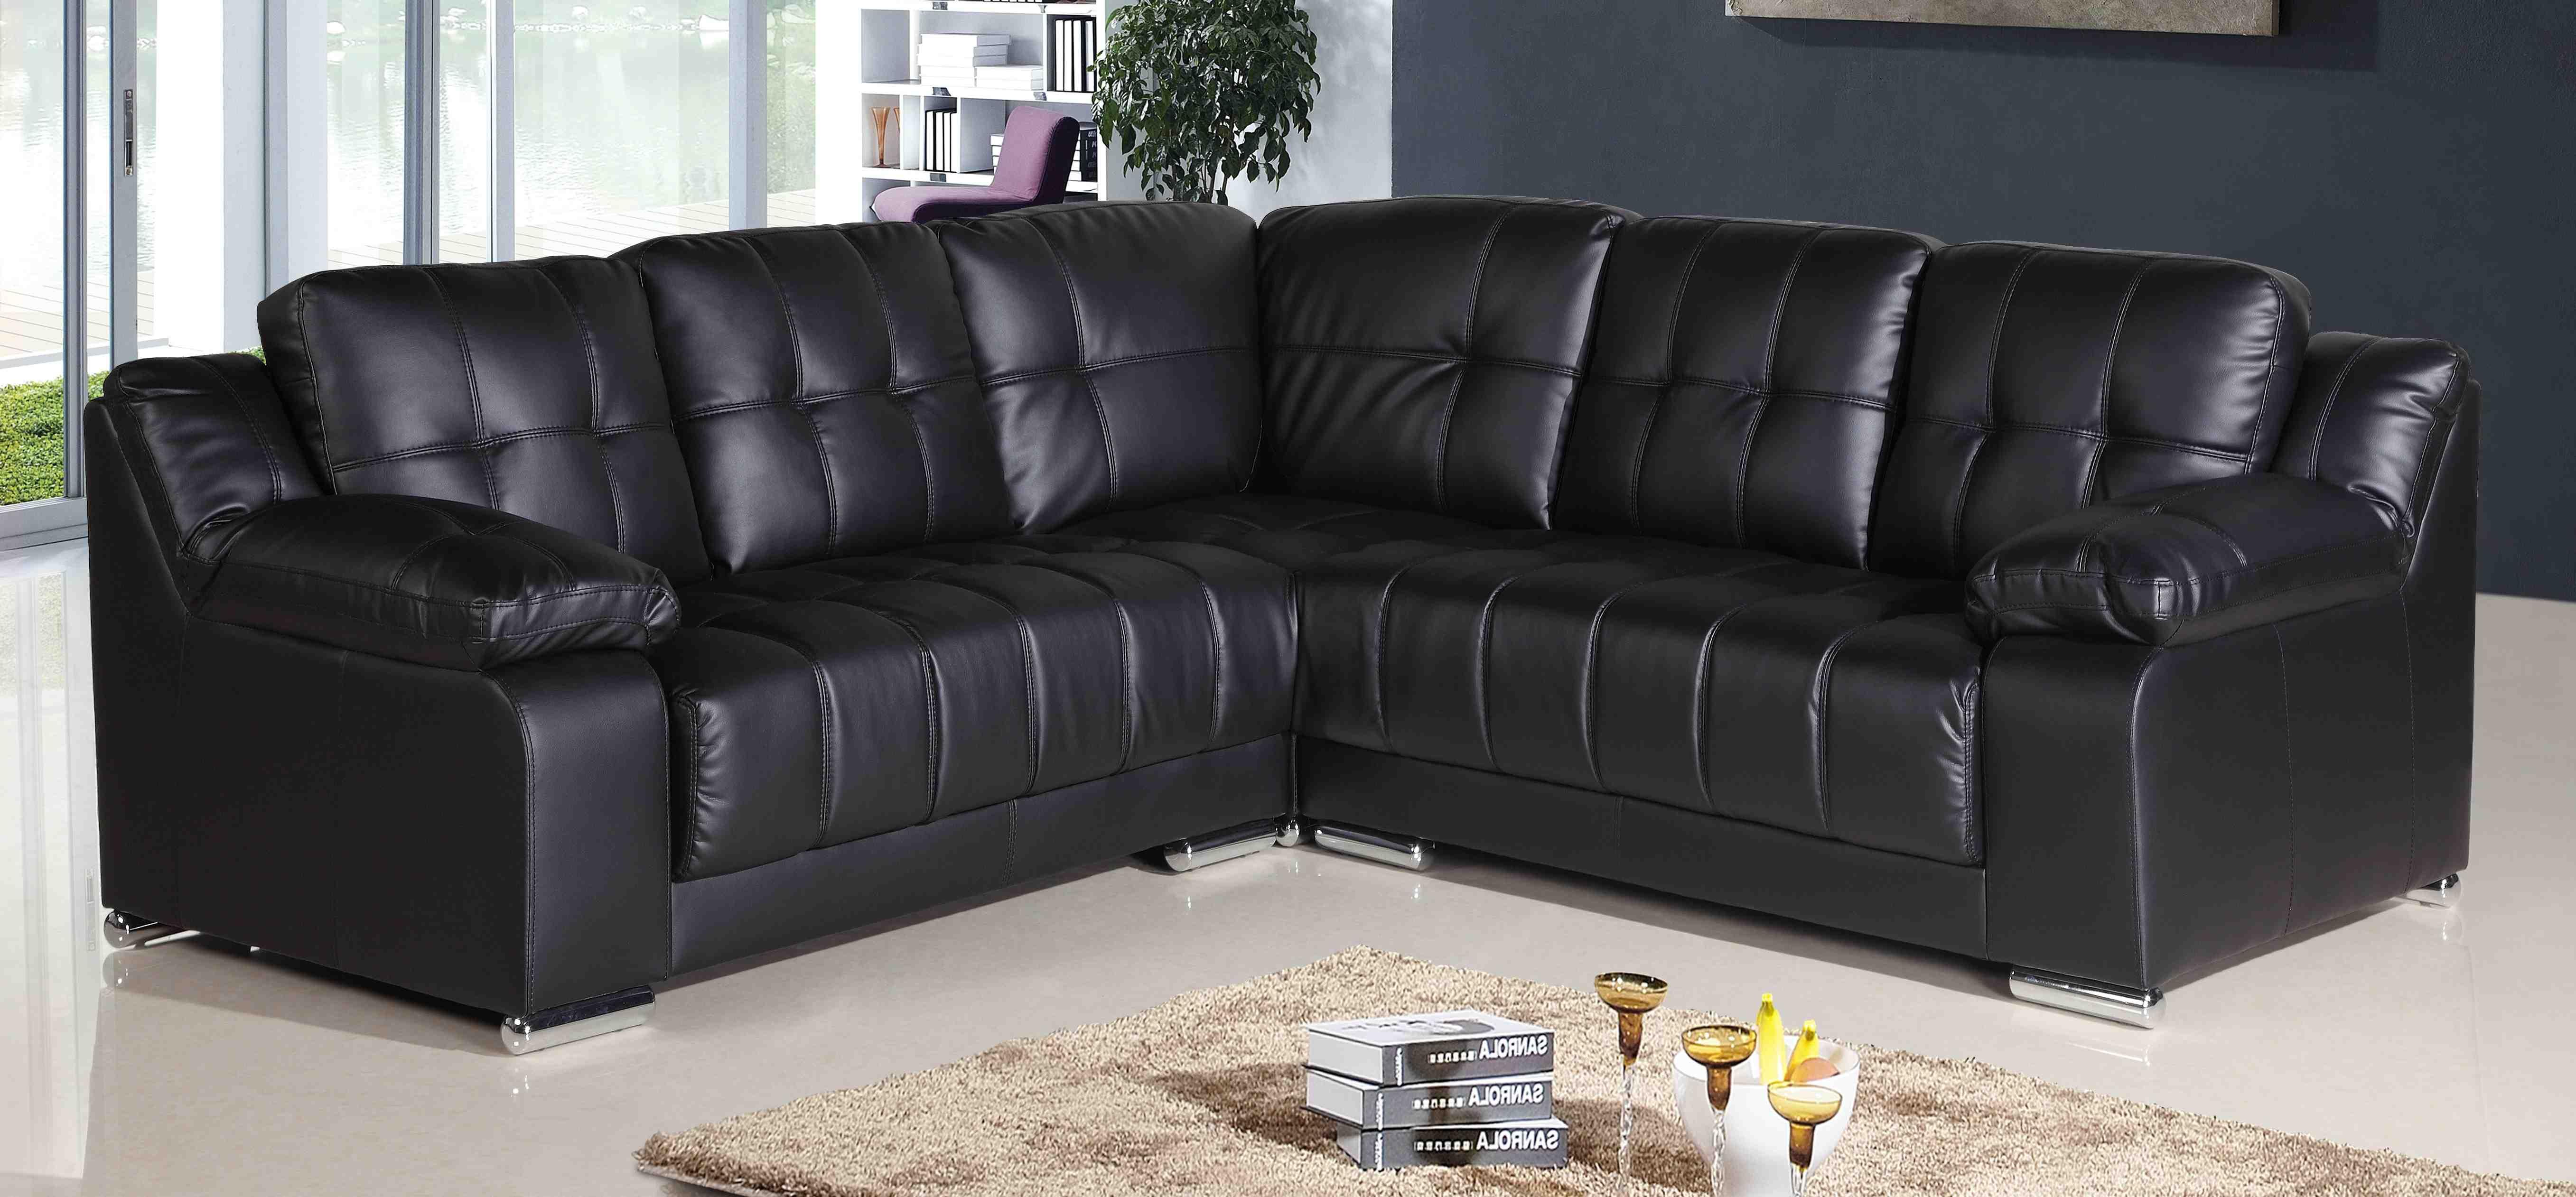 Роскошный мягкий угловой диван в интерьере